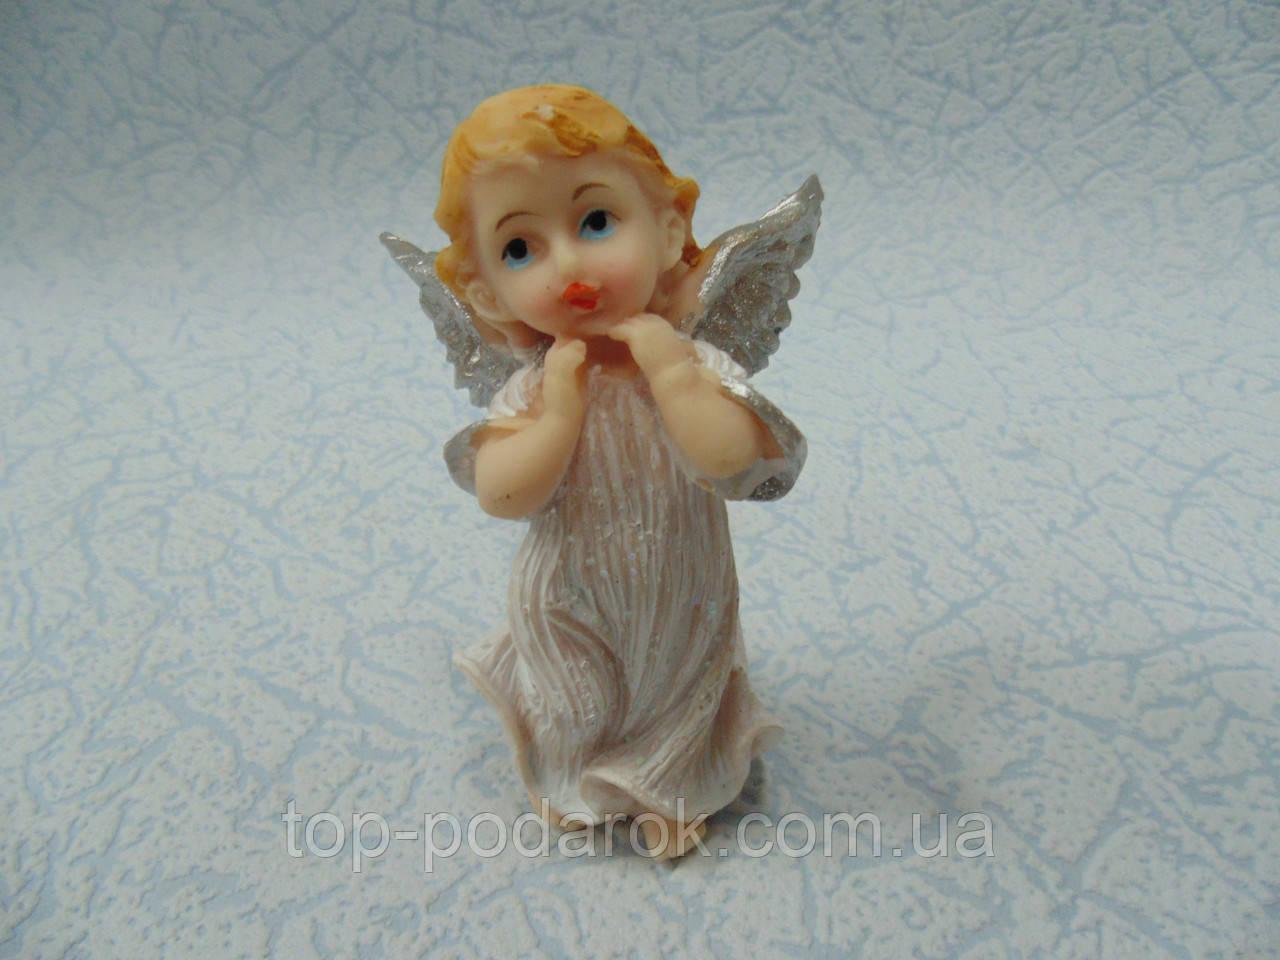 Статуэтка ангел высота 9 см